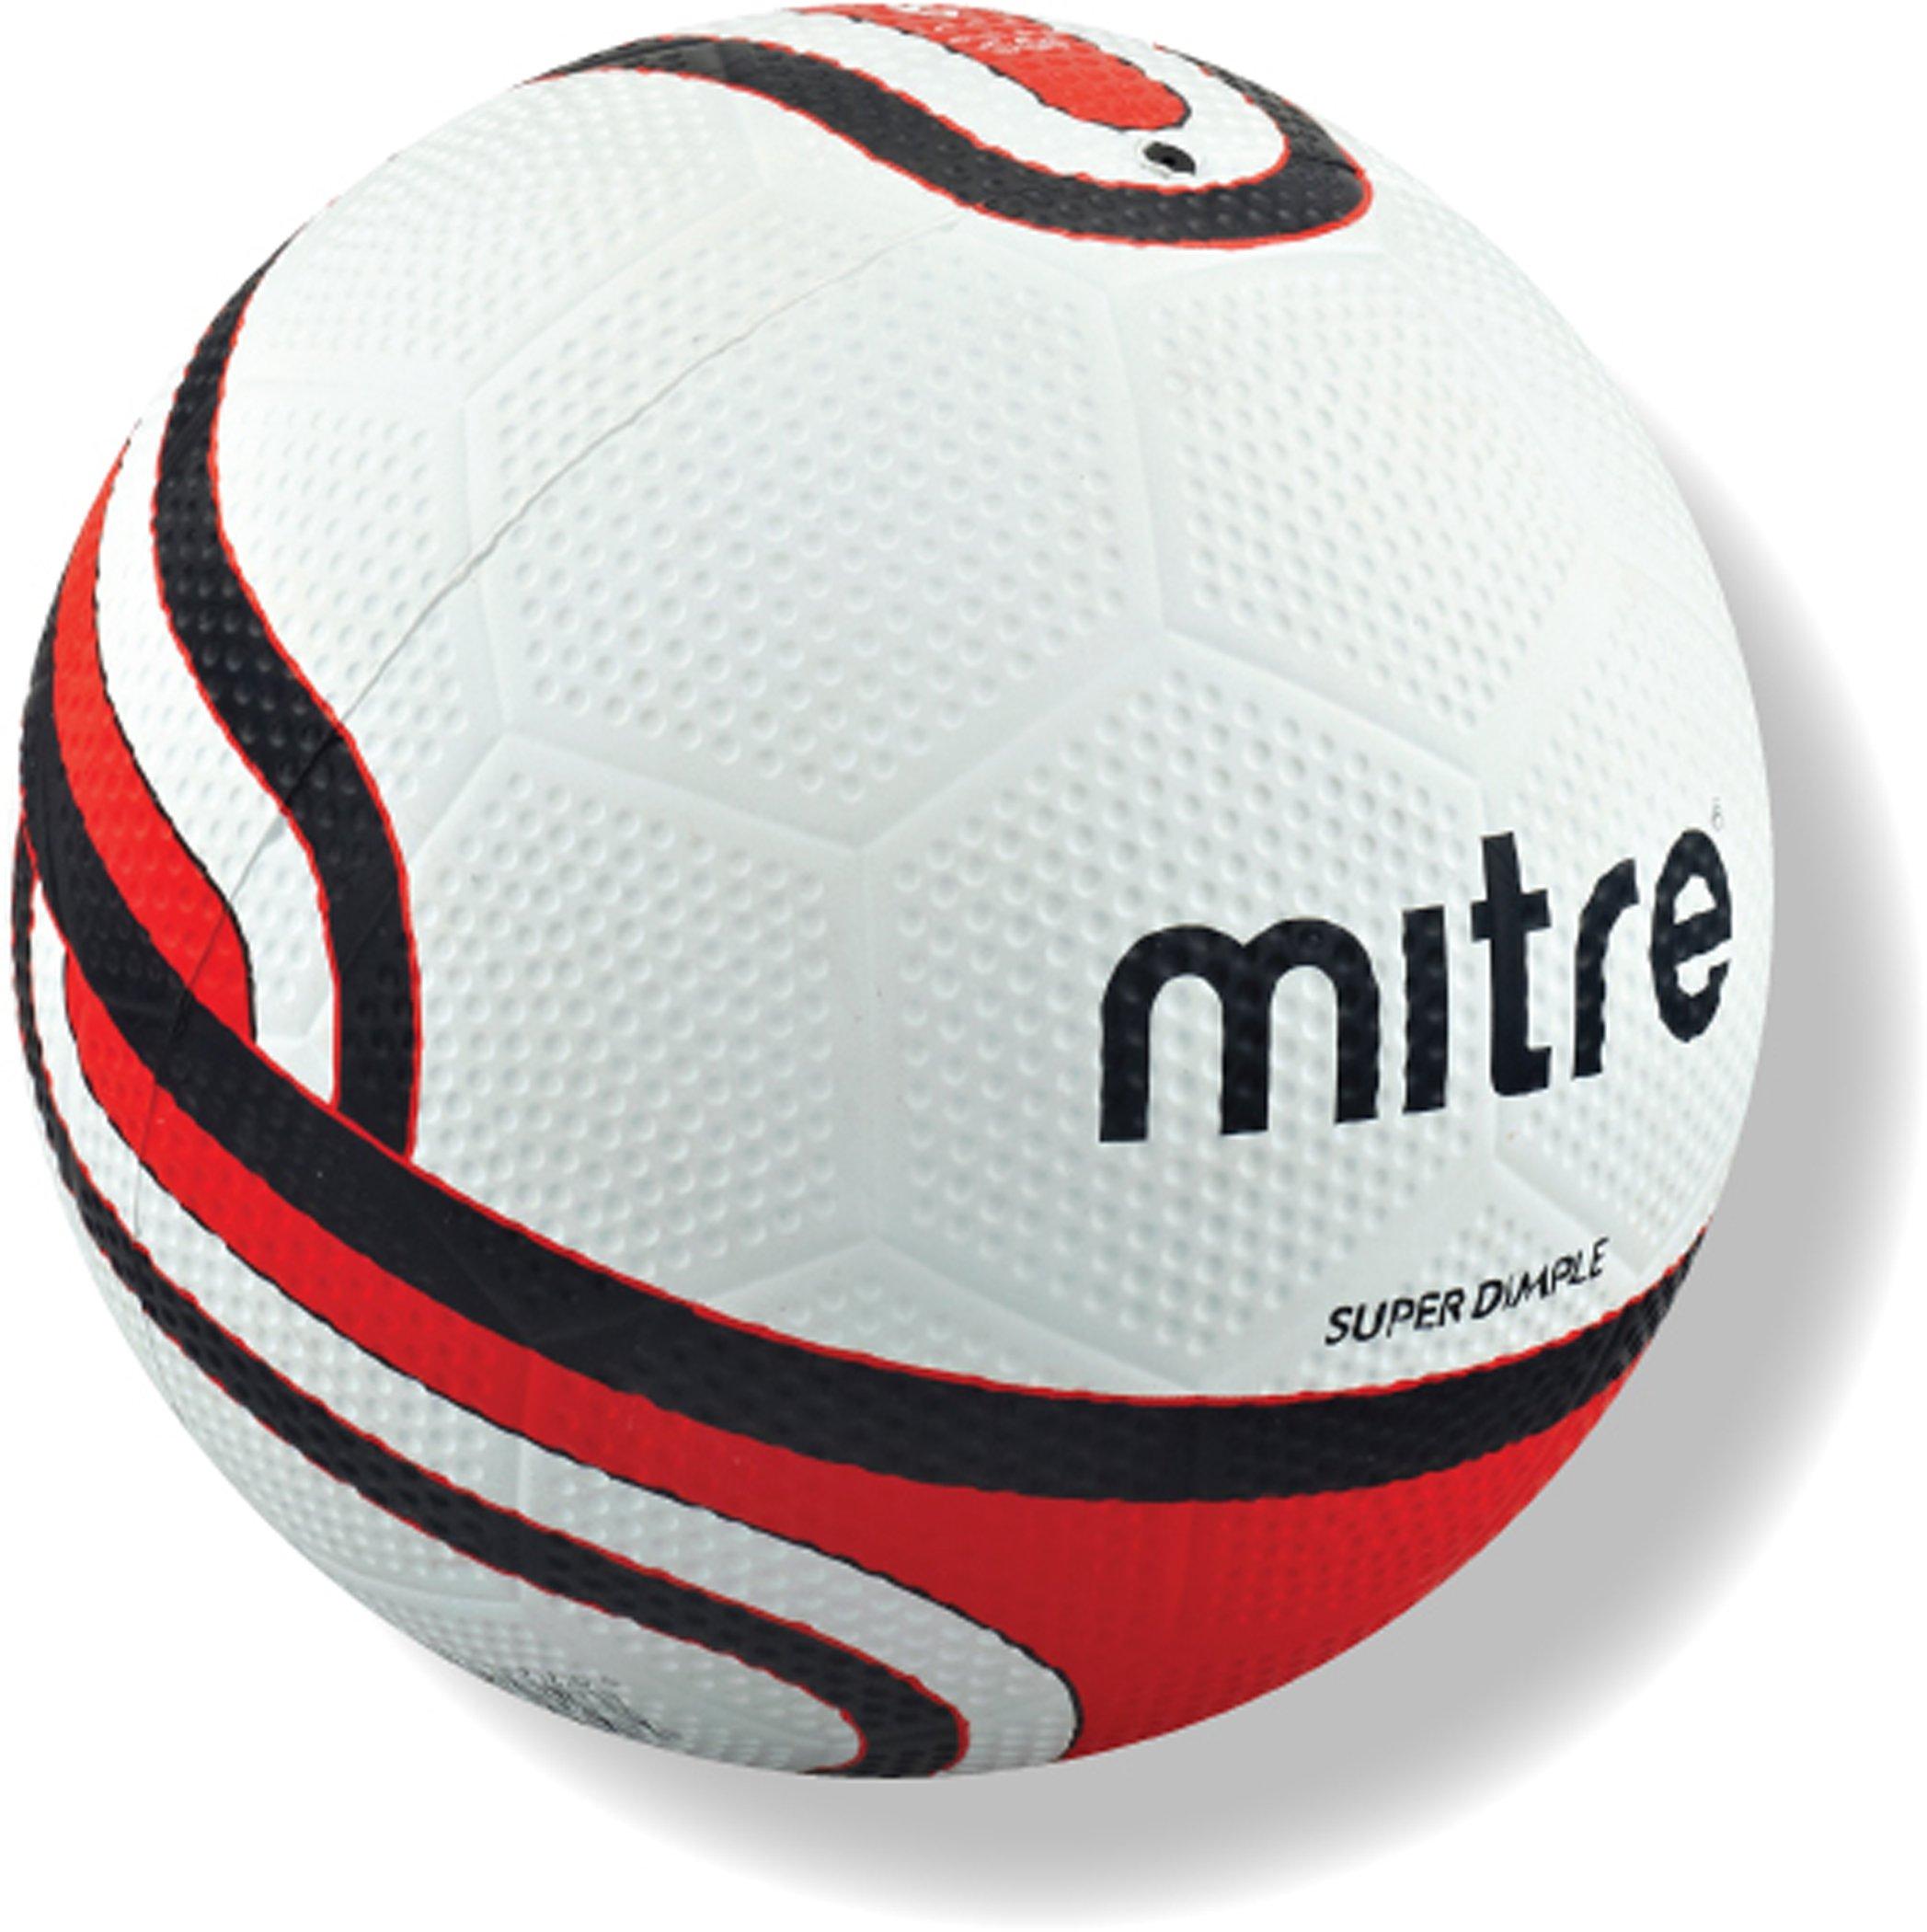 Mitre - Pallone da calcio Super Dimple da allenamento, bianco (bianco), 4